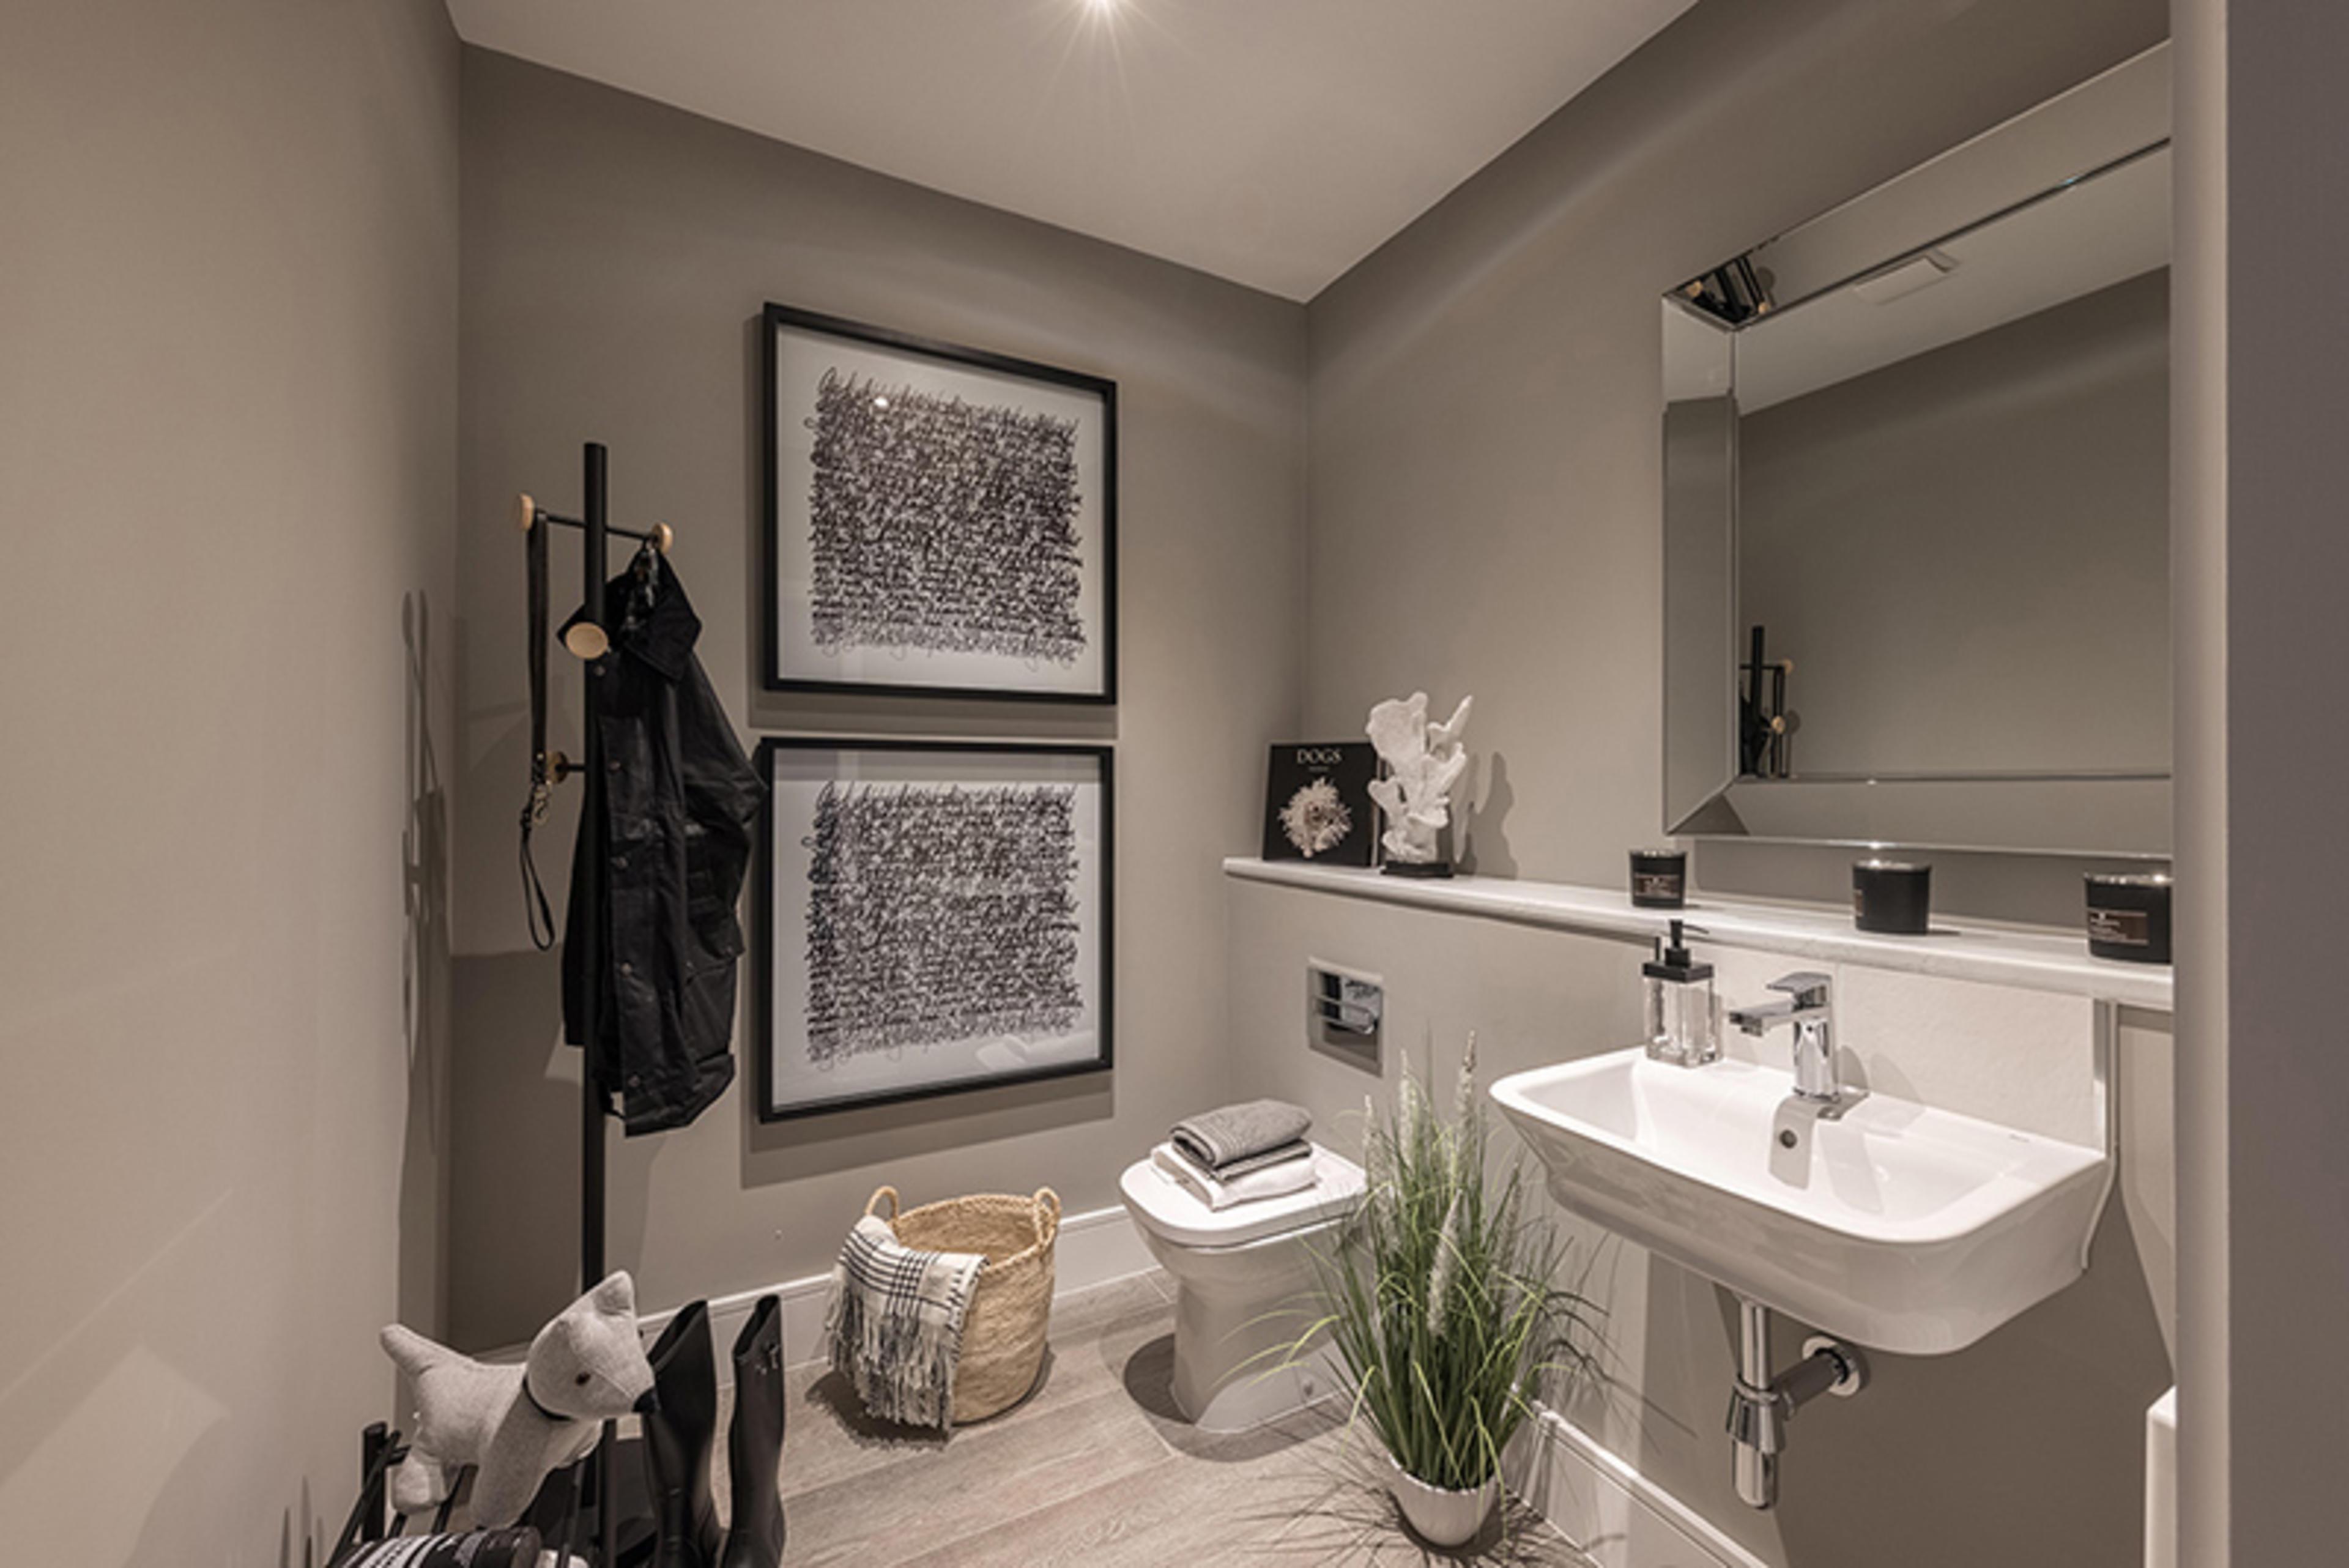 watling-grange-harrogate-merevale-4-bed-home-cloakroom-1